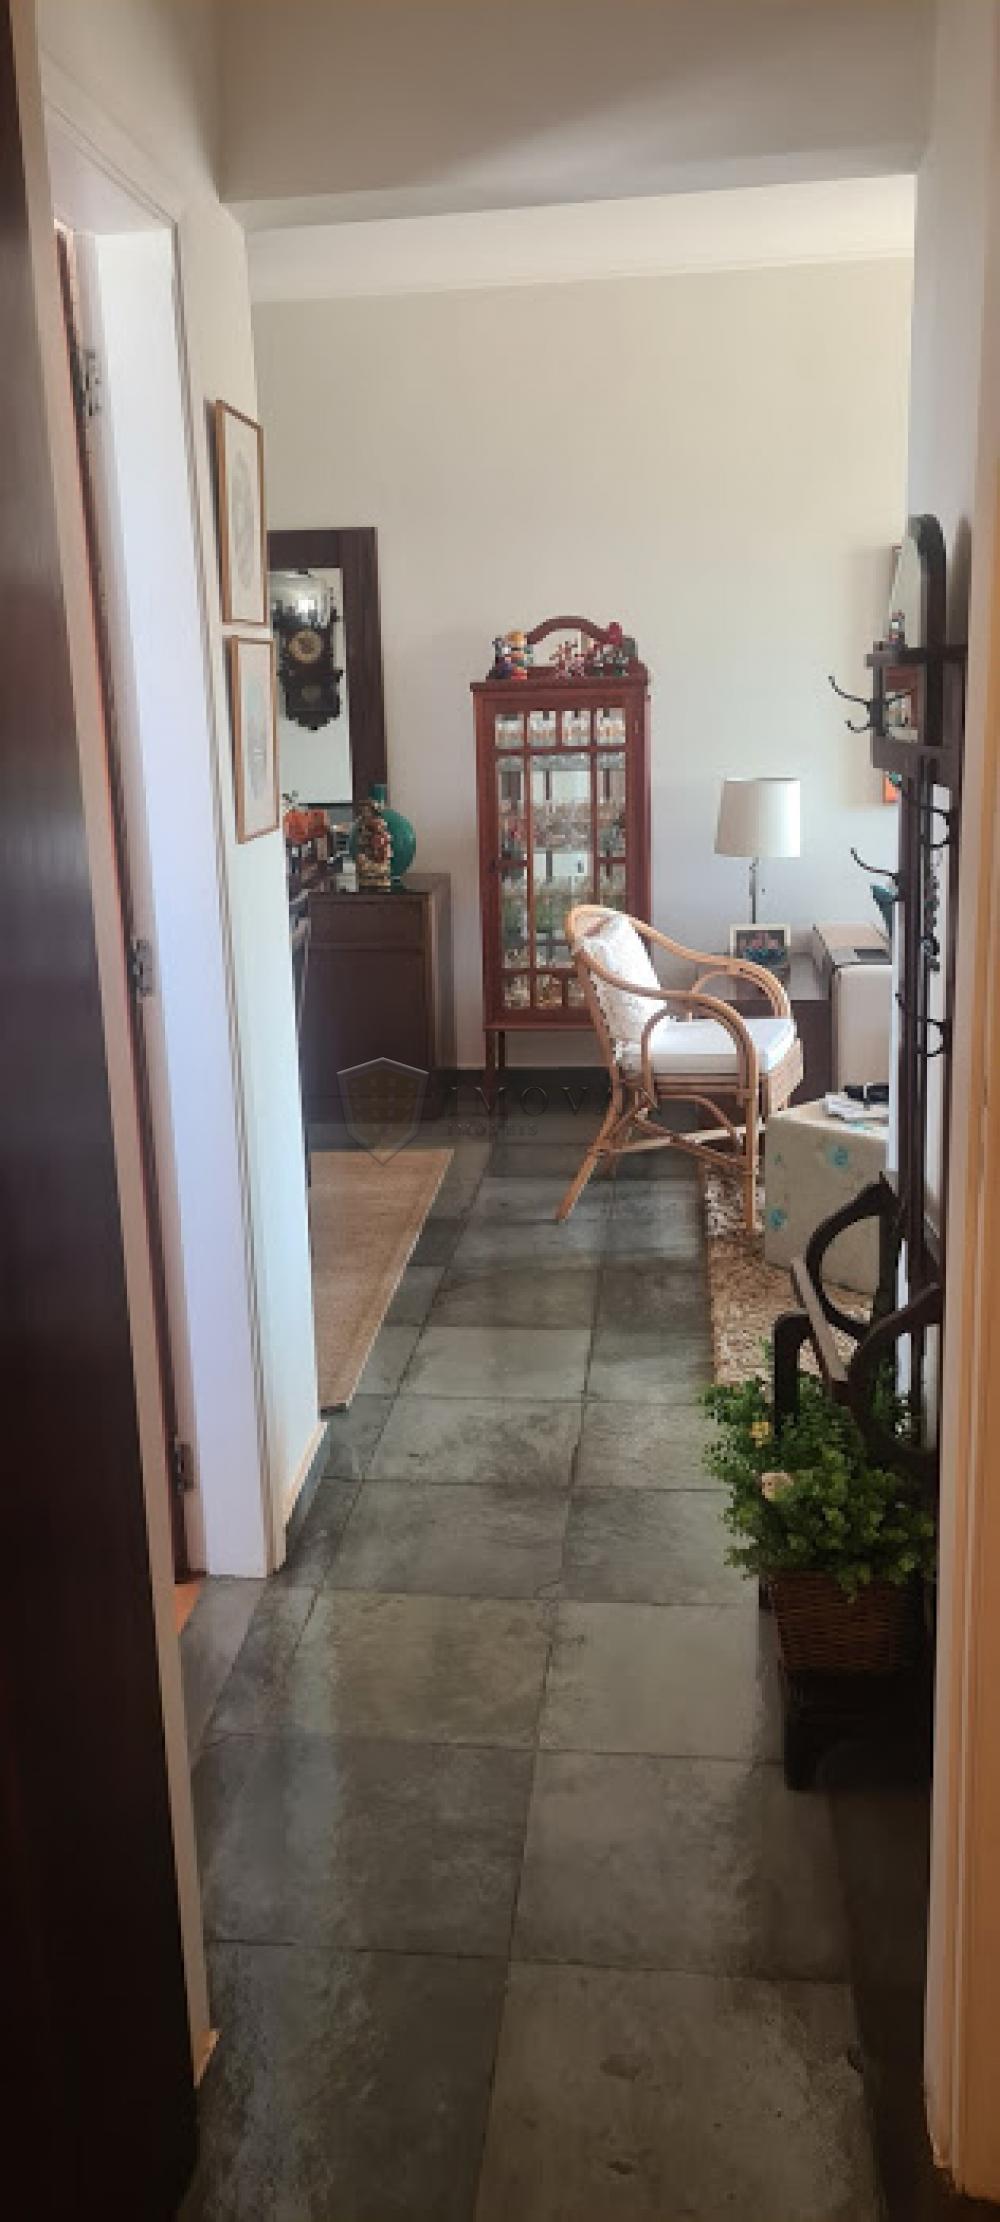 Comprar Apartamento / Padrão em Ribeirão Preto apenas R$ 310.000,00 - Foto 22